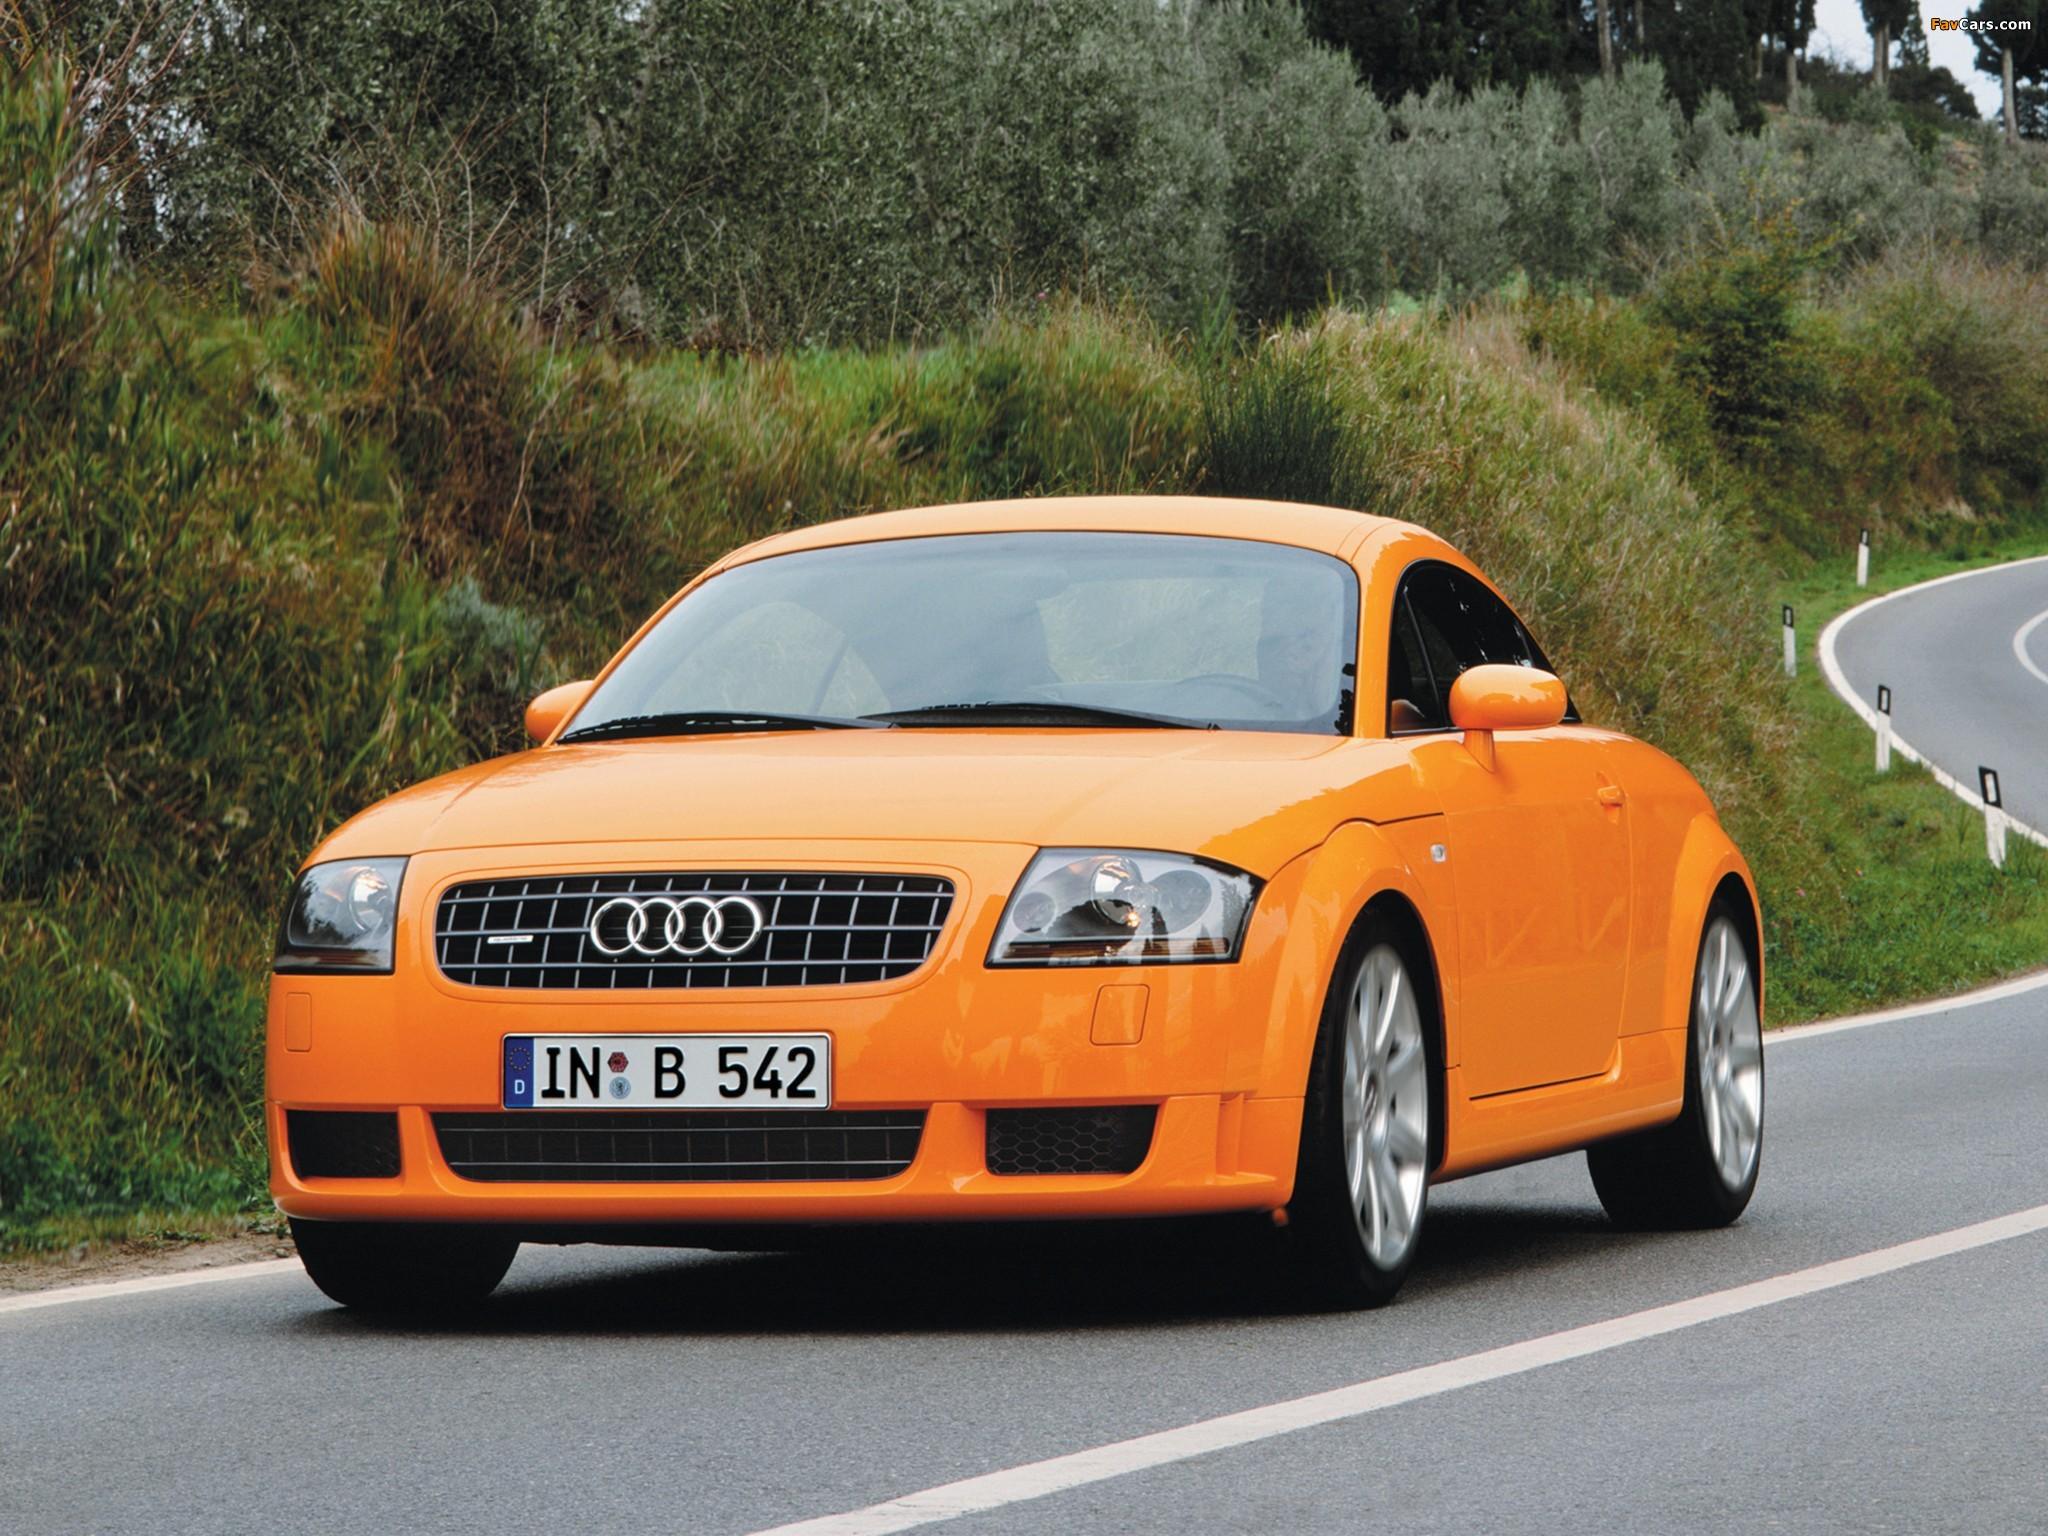 Audi Tt 3 2 Quattro Coupe 8n 2003 06 Pictures 2048x1536